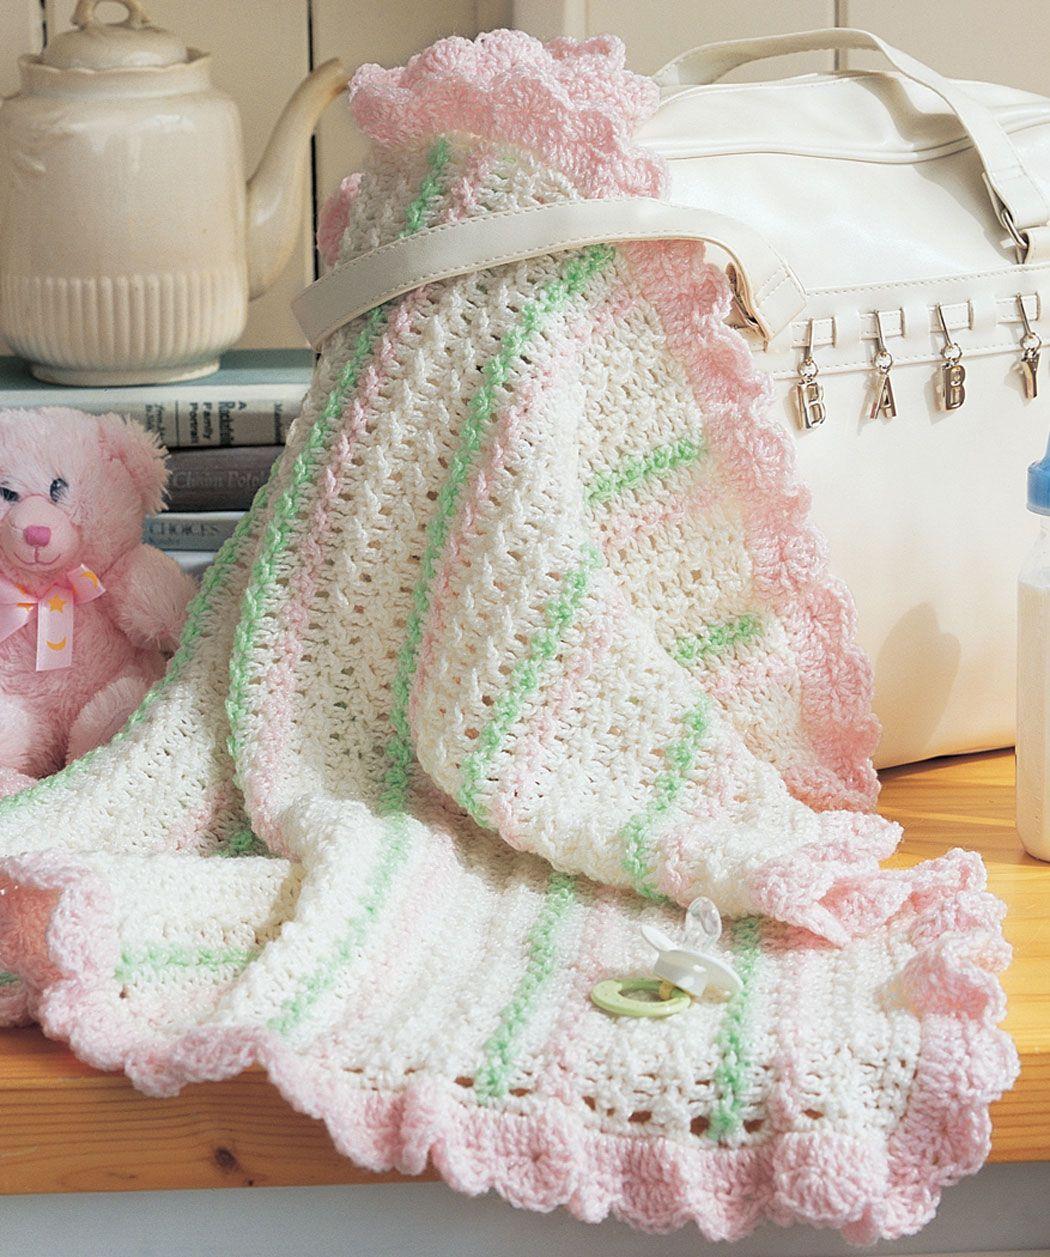 Crochet Stroller Blanket - free crochet pattern on Red Heart ...